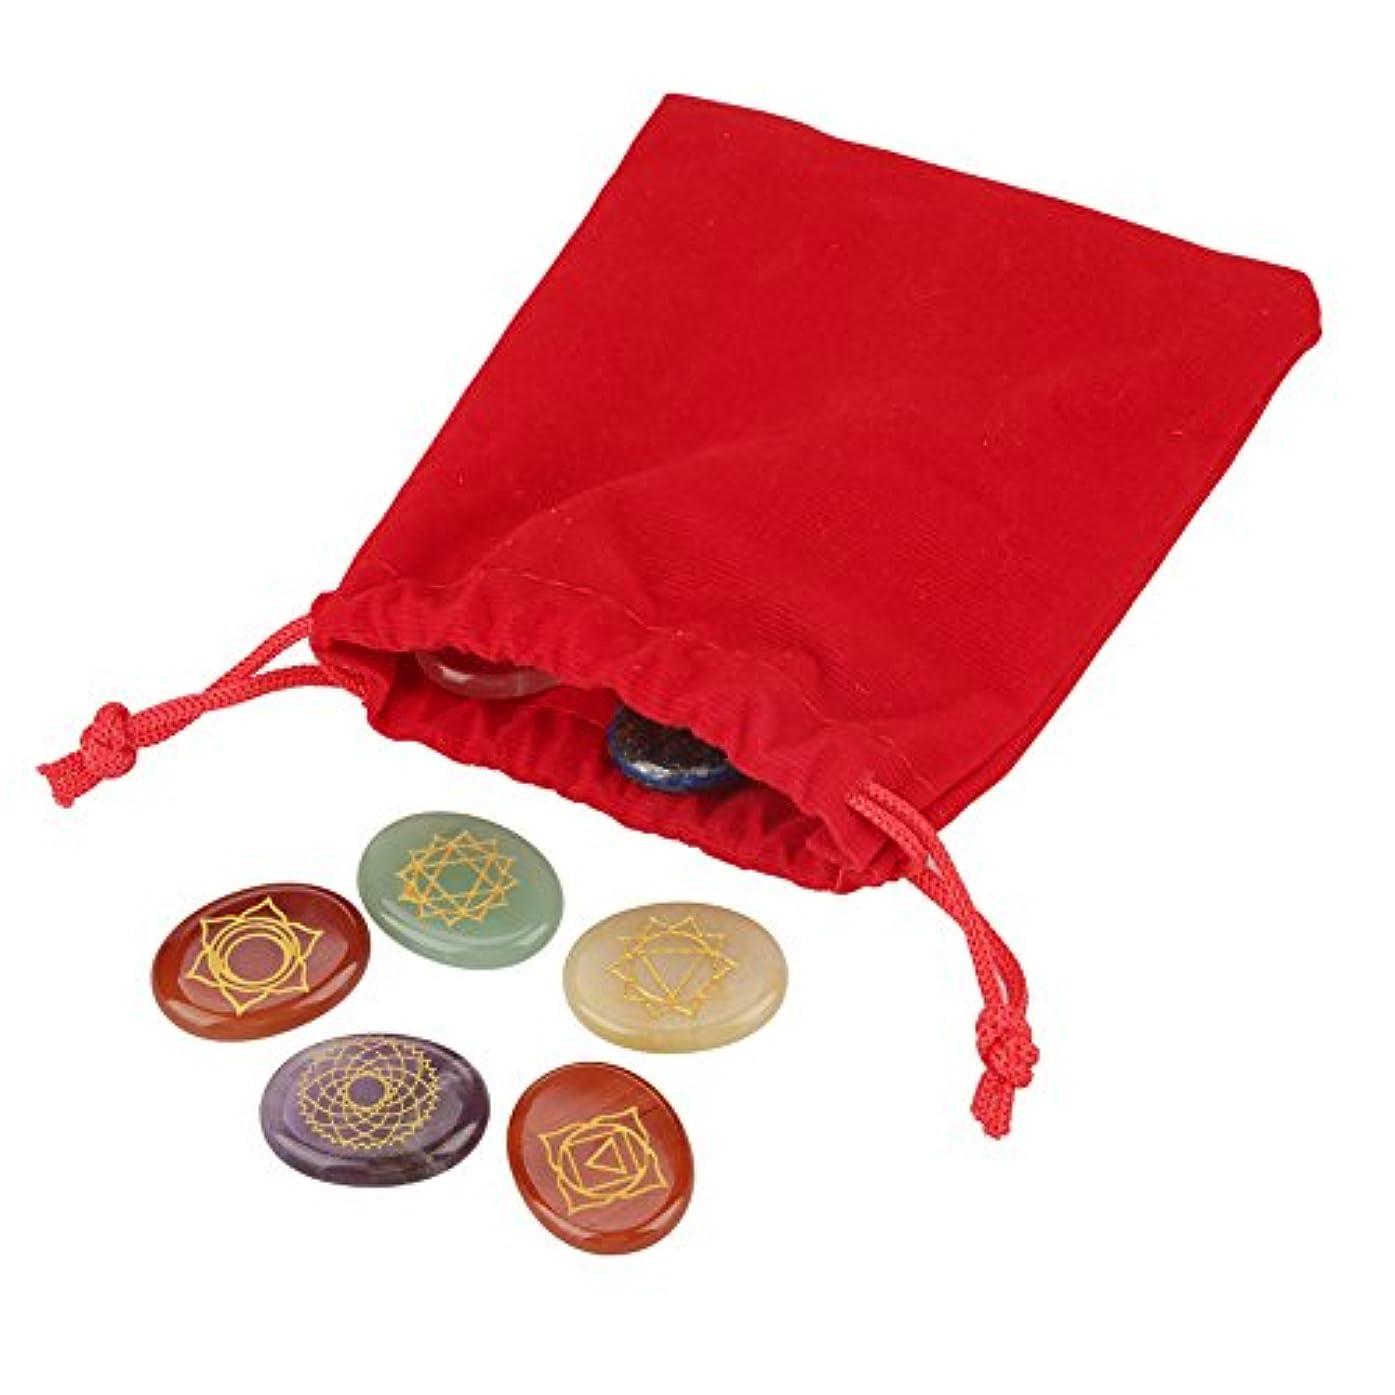 著名な記念碑現代の7個/セット刻印チャクラストーンとフランネルバッグ(黒または赤)、刻印スピリチュアルヒーリング瞑想パームストーンレイキチャクラクリスタル